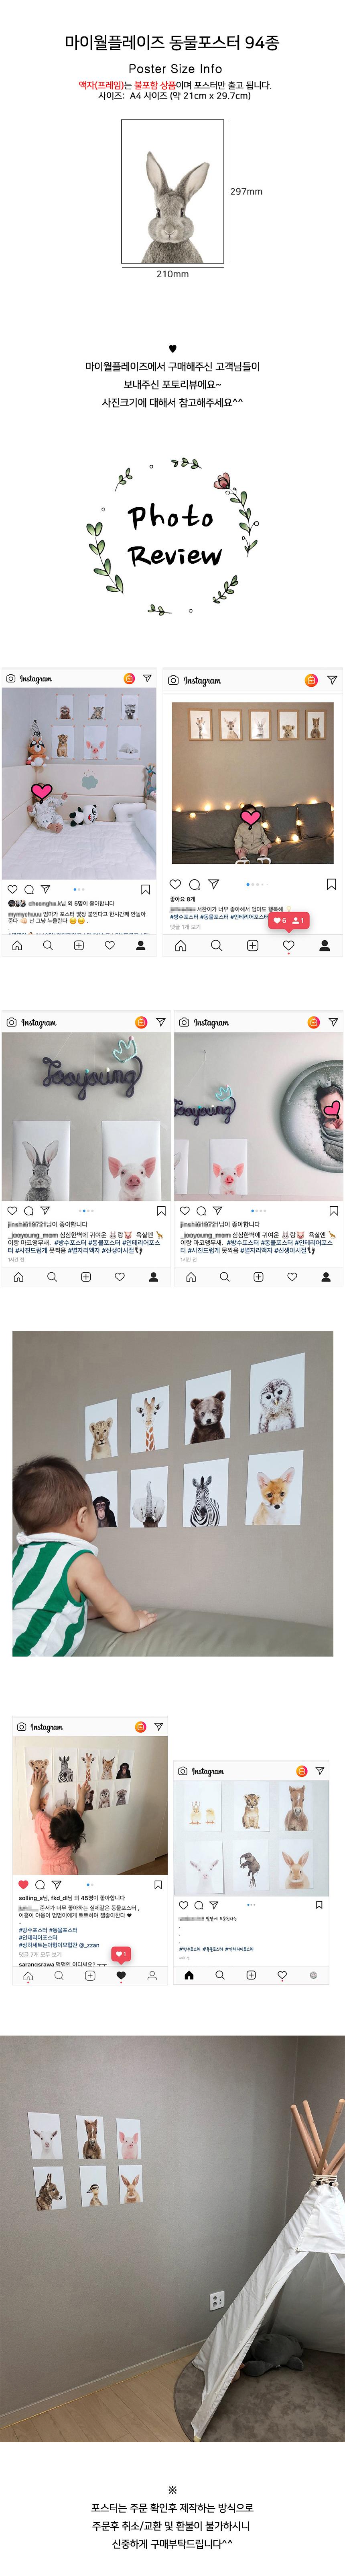 아이방 동물포스터 시리즈 94종 A4사이즈3,000원-마이월플레이즈인테리어, 액자/홈갤러리, 홈갤러리, 포스터바보사랑아이방 동물포스터 시리즈 94종 A4사이즈3,000원-마이월플레이즈인테리어, 액자/홈갤러리, 홈갤러리, 포스터바보사랑